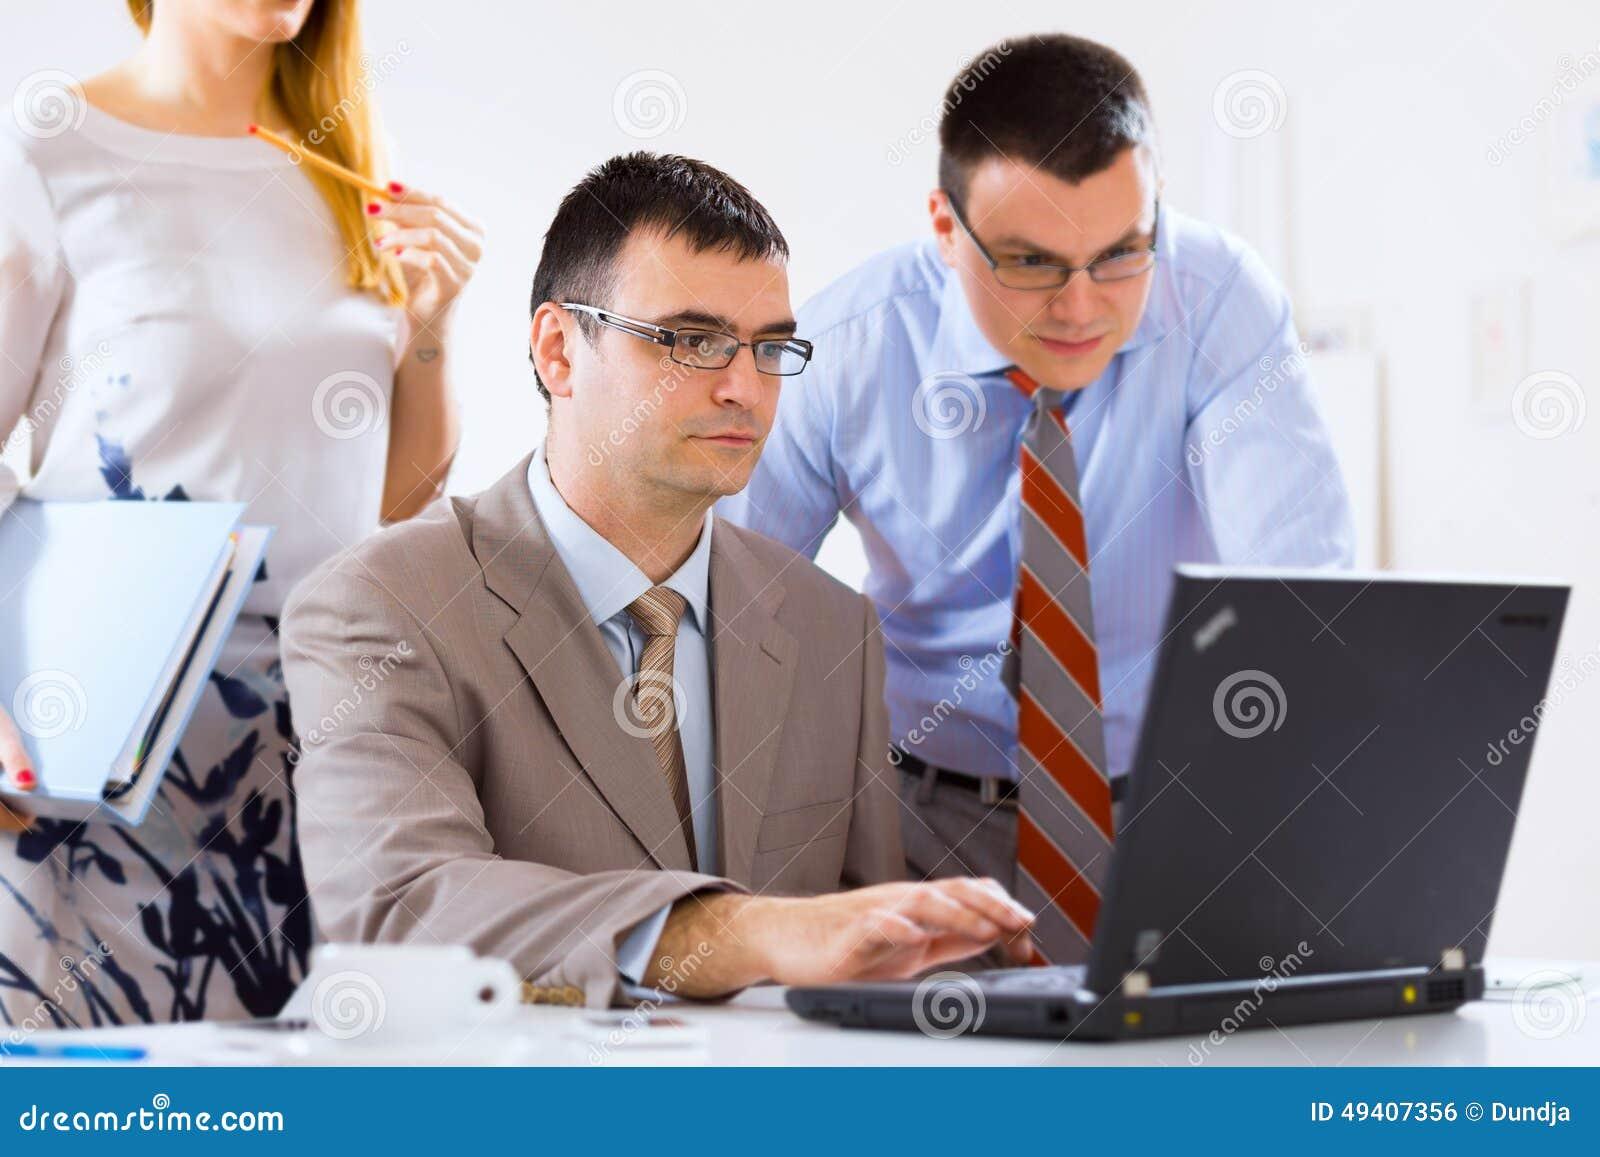 Download Wirtschaftlerarbeiten stockfoto. Bild von geschäftsmann - 49407356